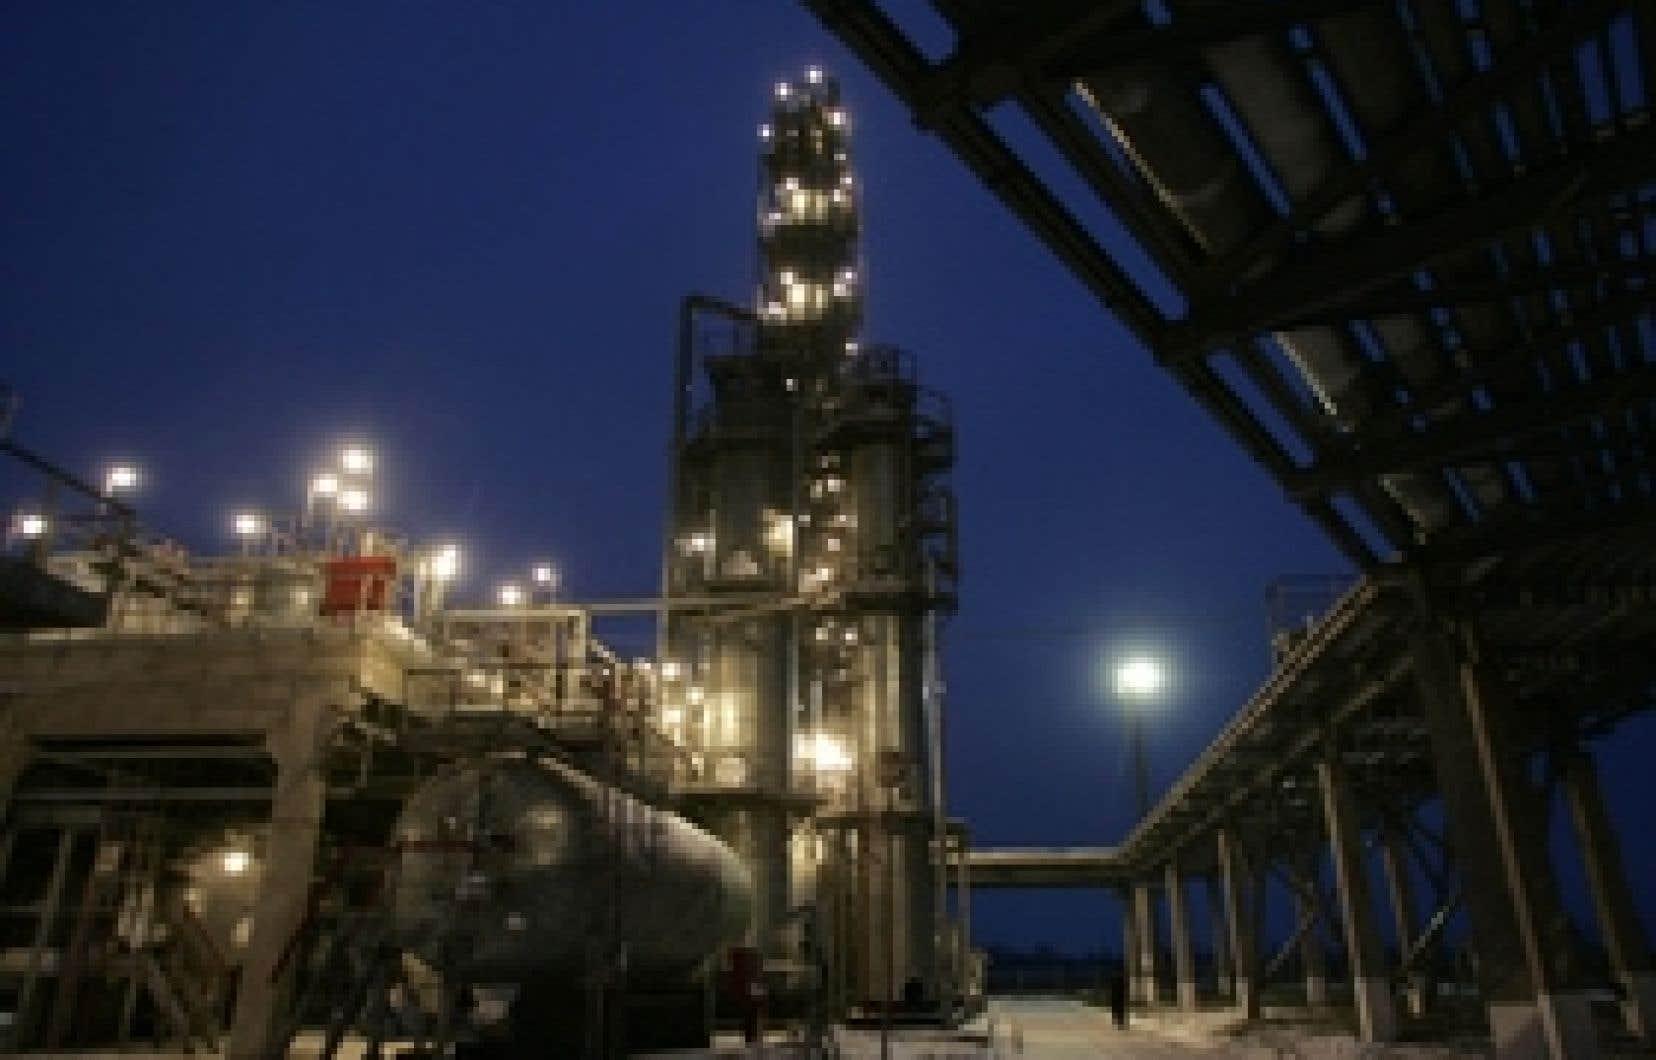 Un contrat pour les livraisons de gaz russe à Kiev l'an prochain pourrait être signé avant le 1er janvier, date limite de l'accord actuel, a estimé Naftogaz, dont on voit ici les installations à l'est de Kiev.